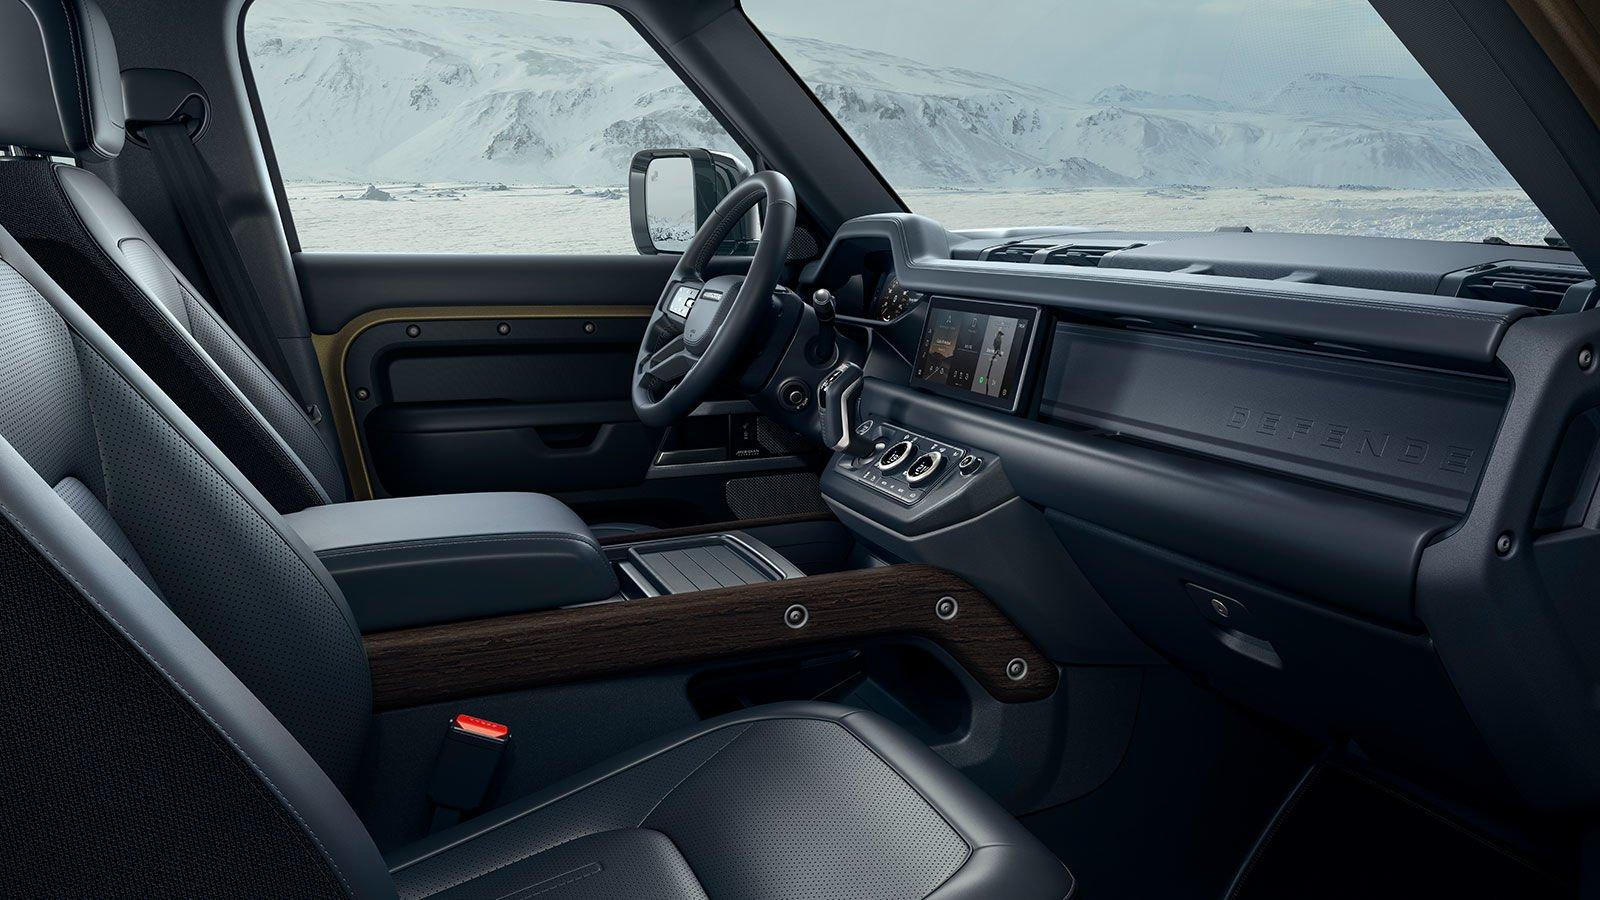 El interior de Land Rover Defender 2020 precio en México es funcional, lujoso y tecnológico